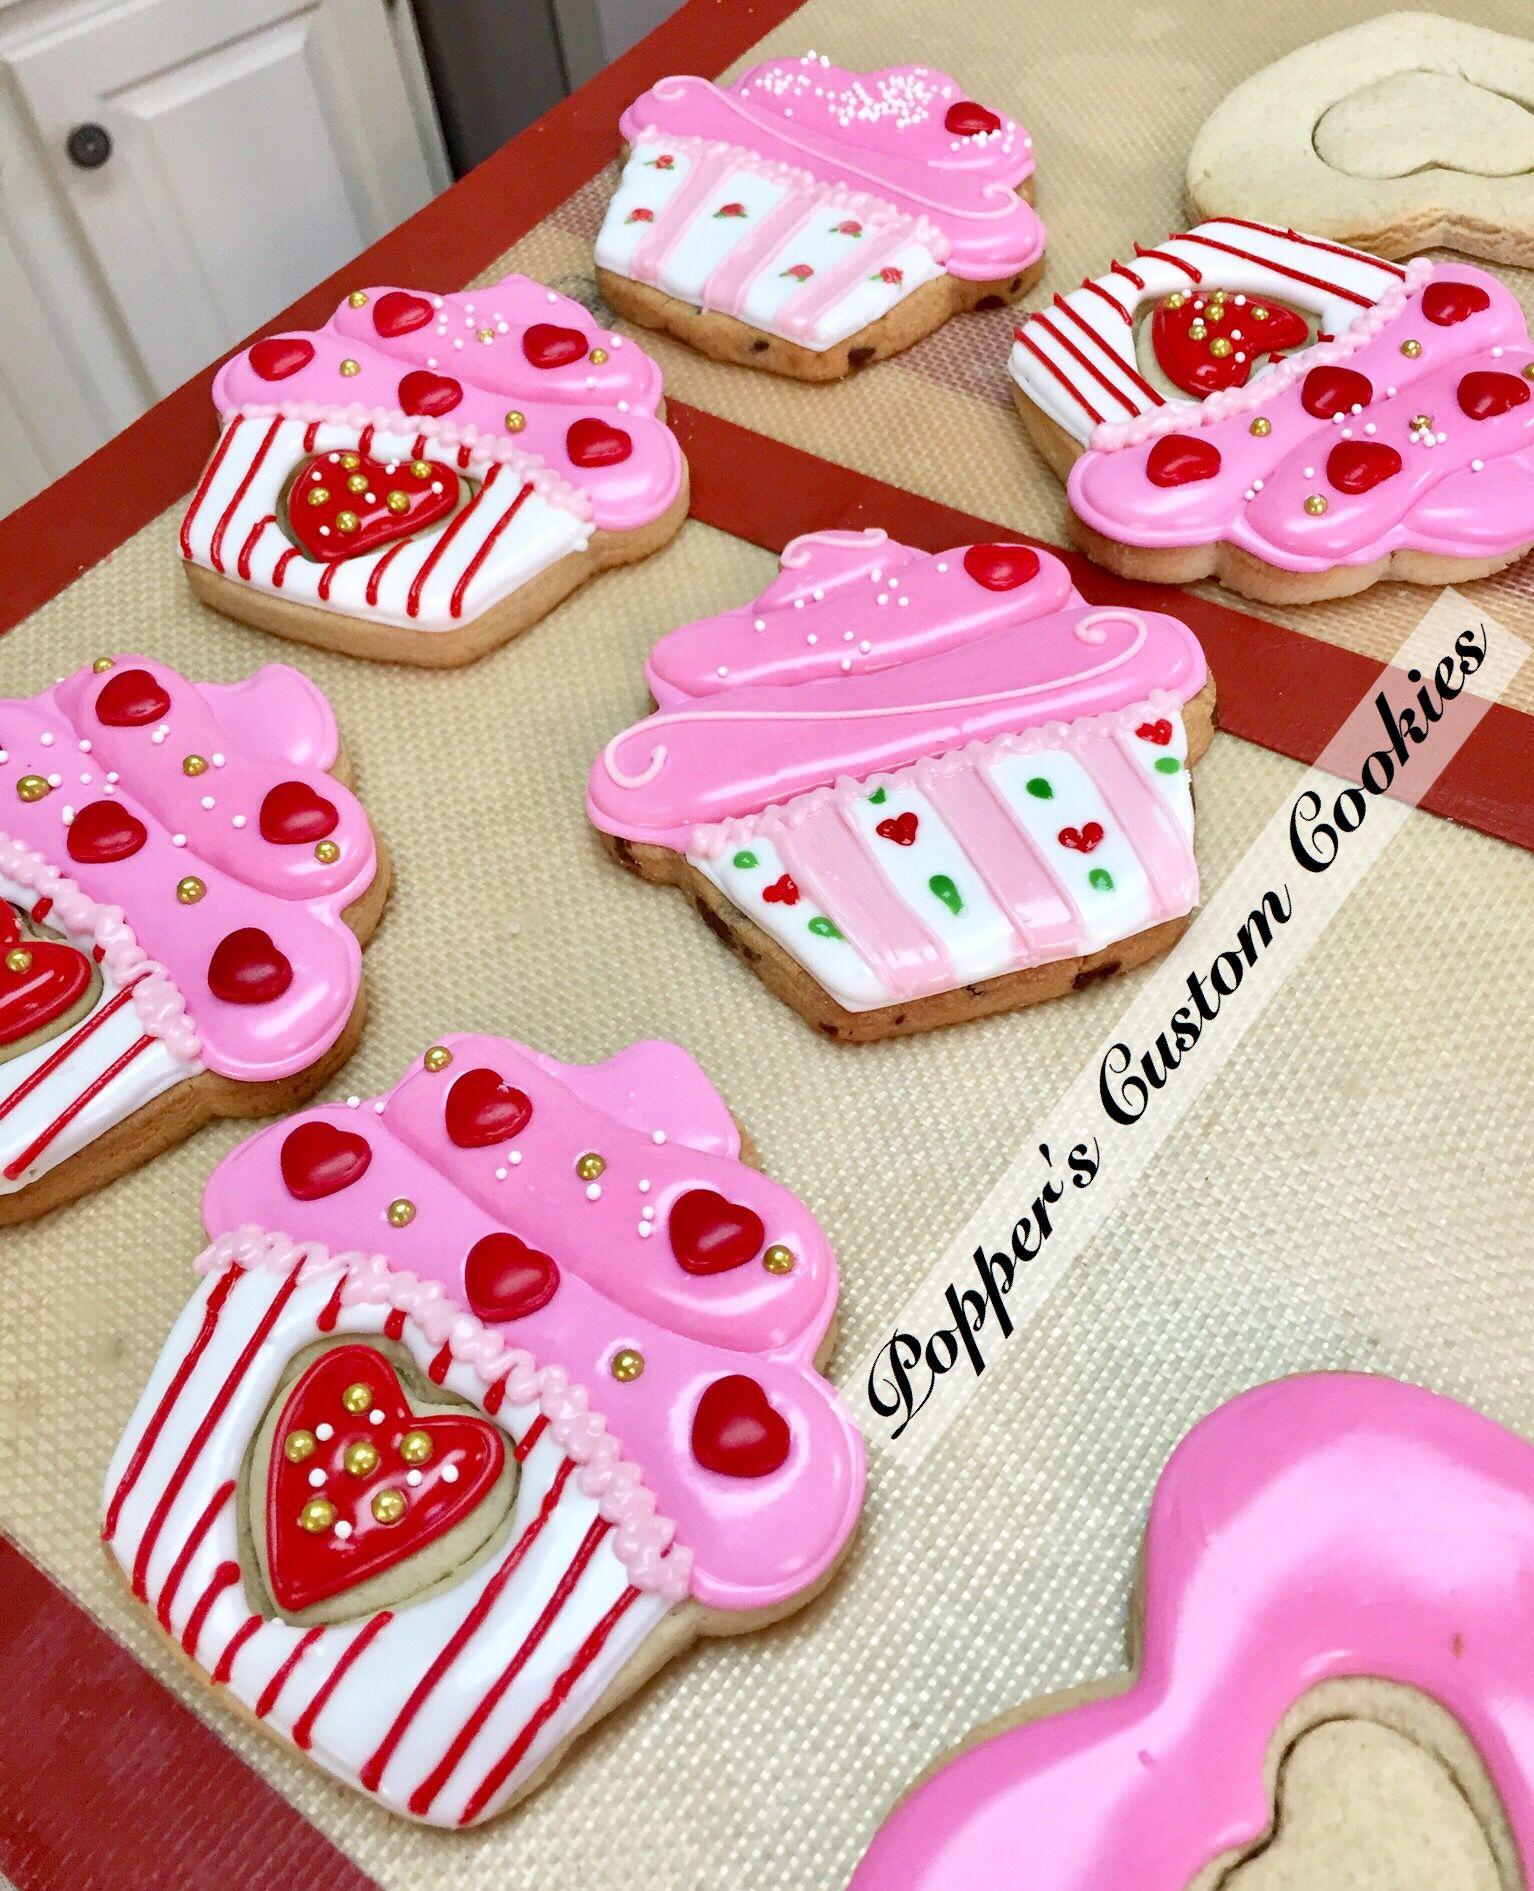 Pin By Karina On Cookies Pinterest Cookies Valentine Cookies